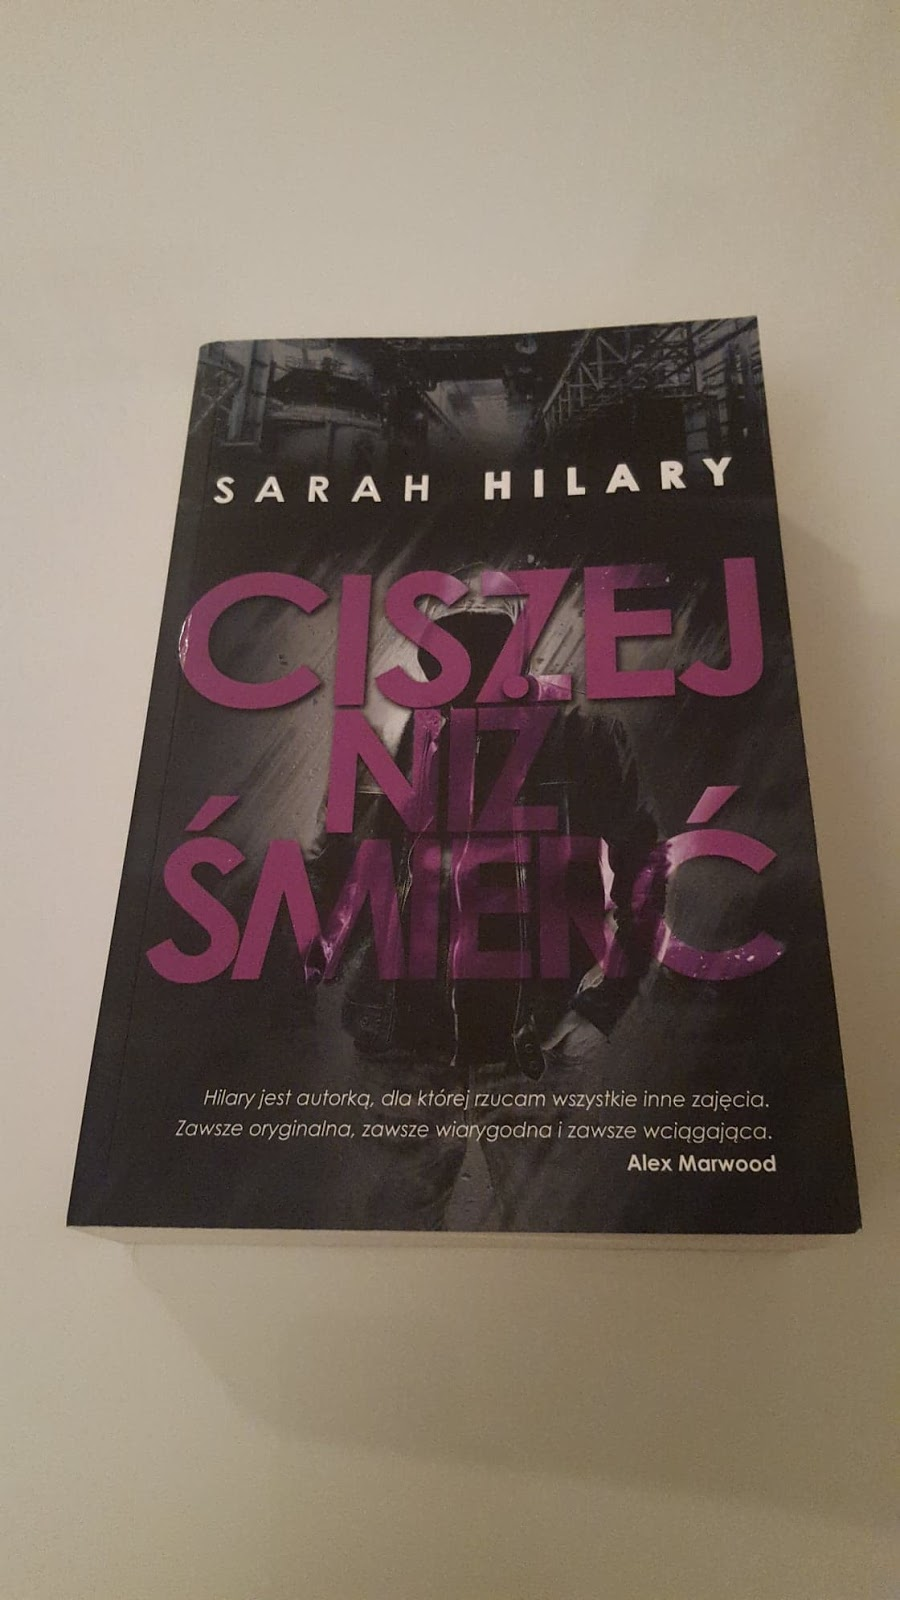 Sarah Hilary - Ciszej niż śmierć